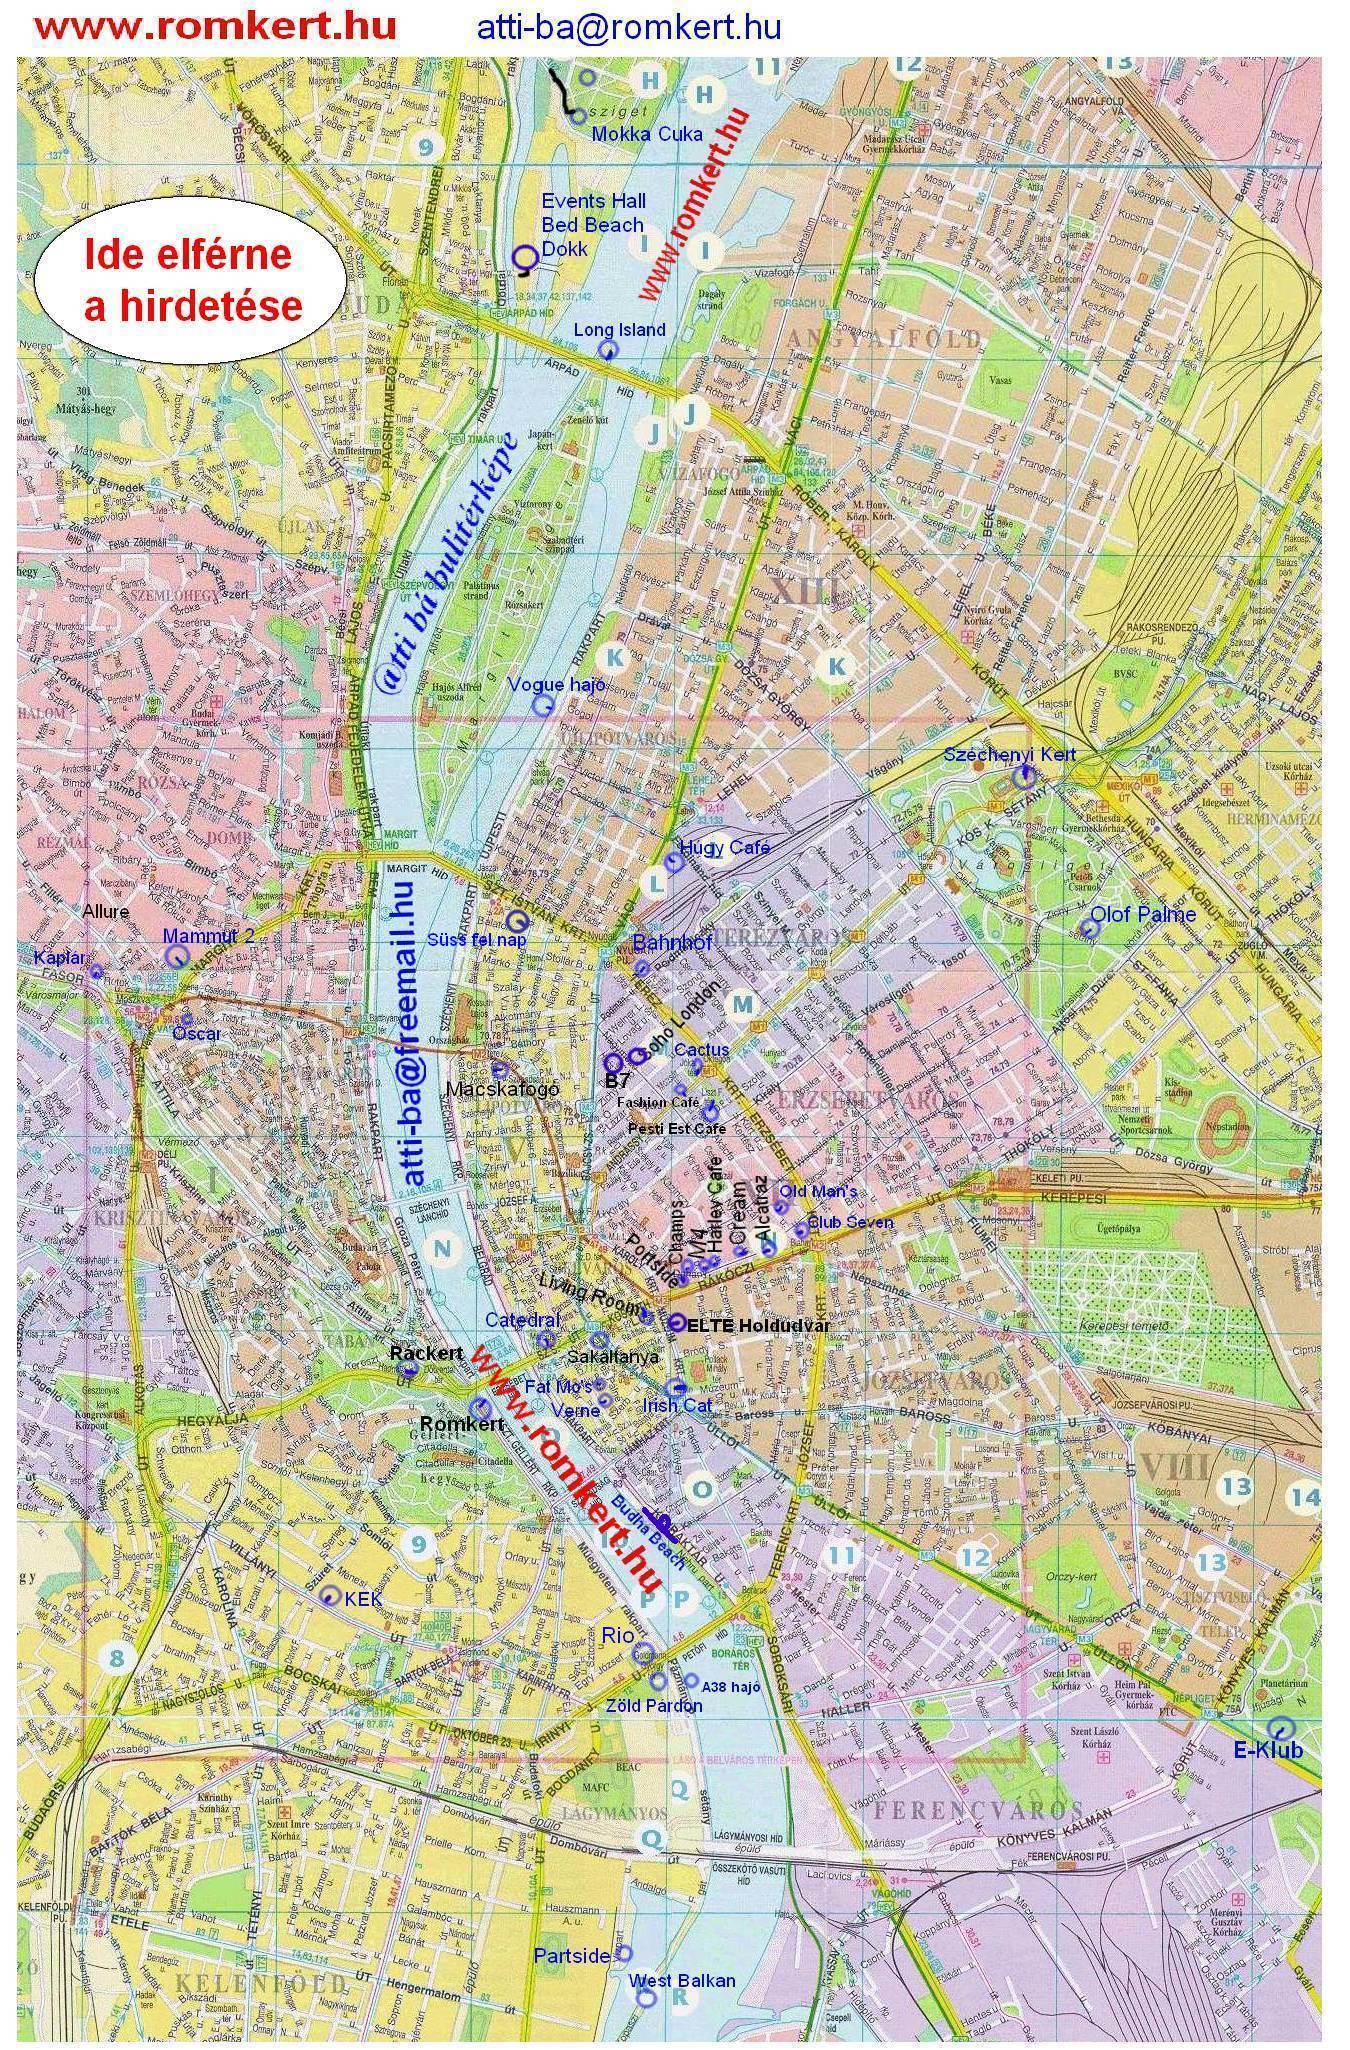 buli térkép budapest romkert.hu   az értelmiségi party portál   buli bulifotók  buli térkép budapest